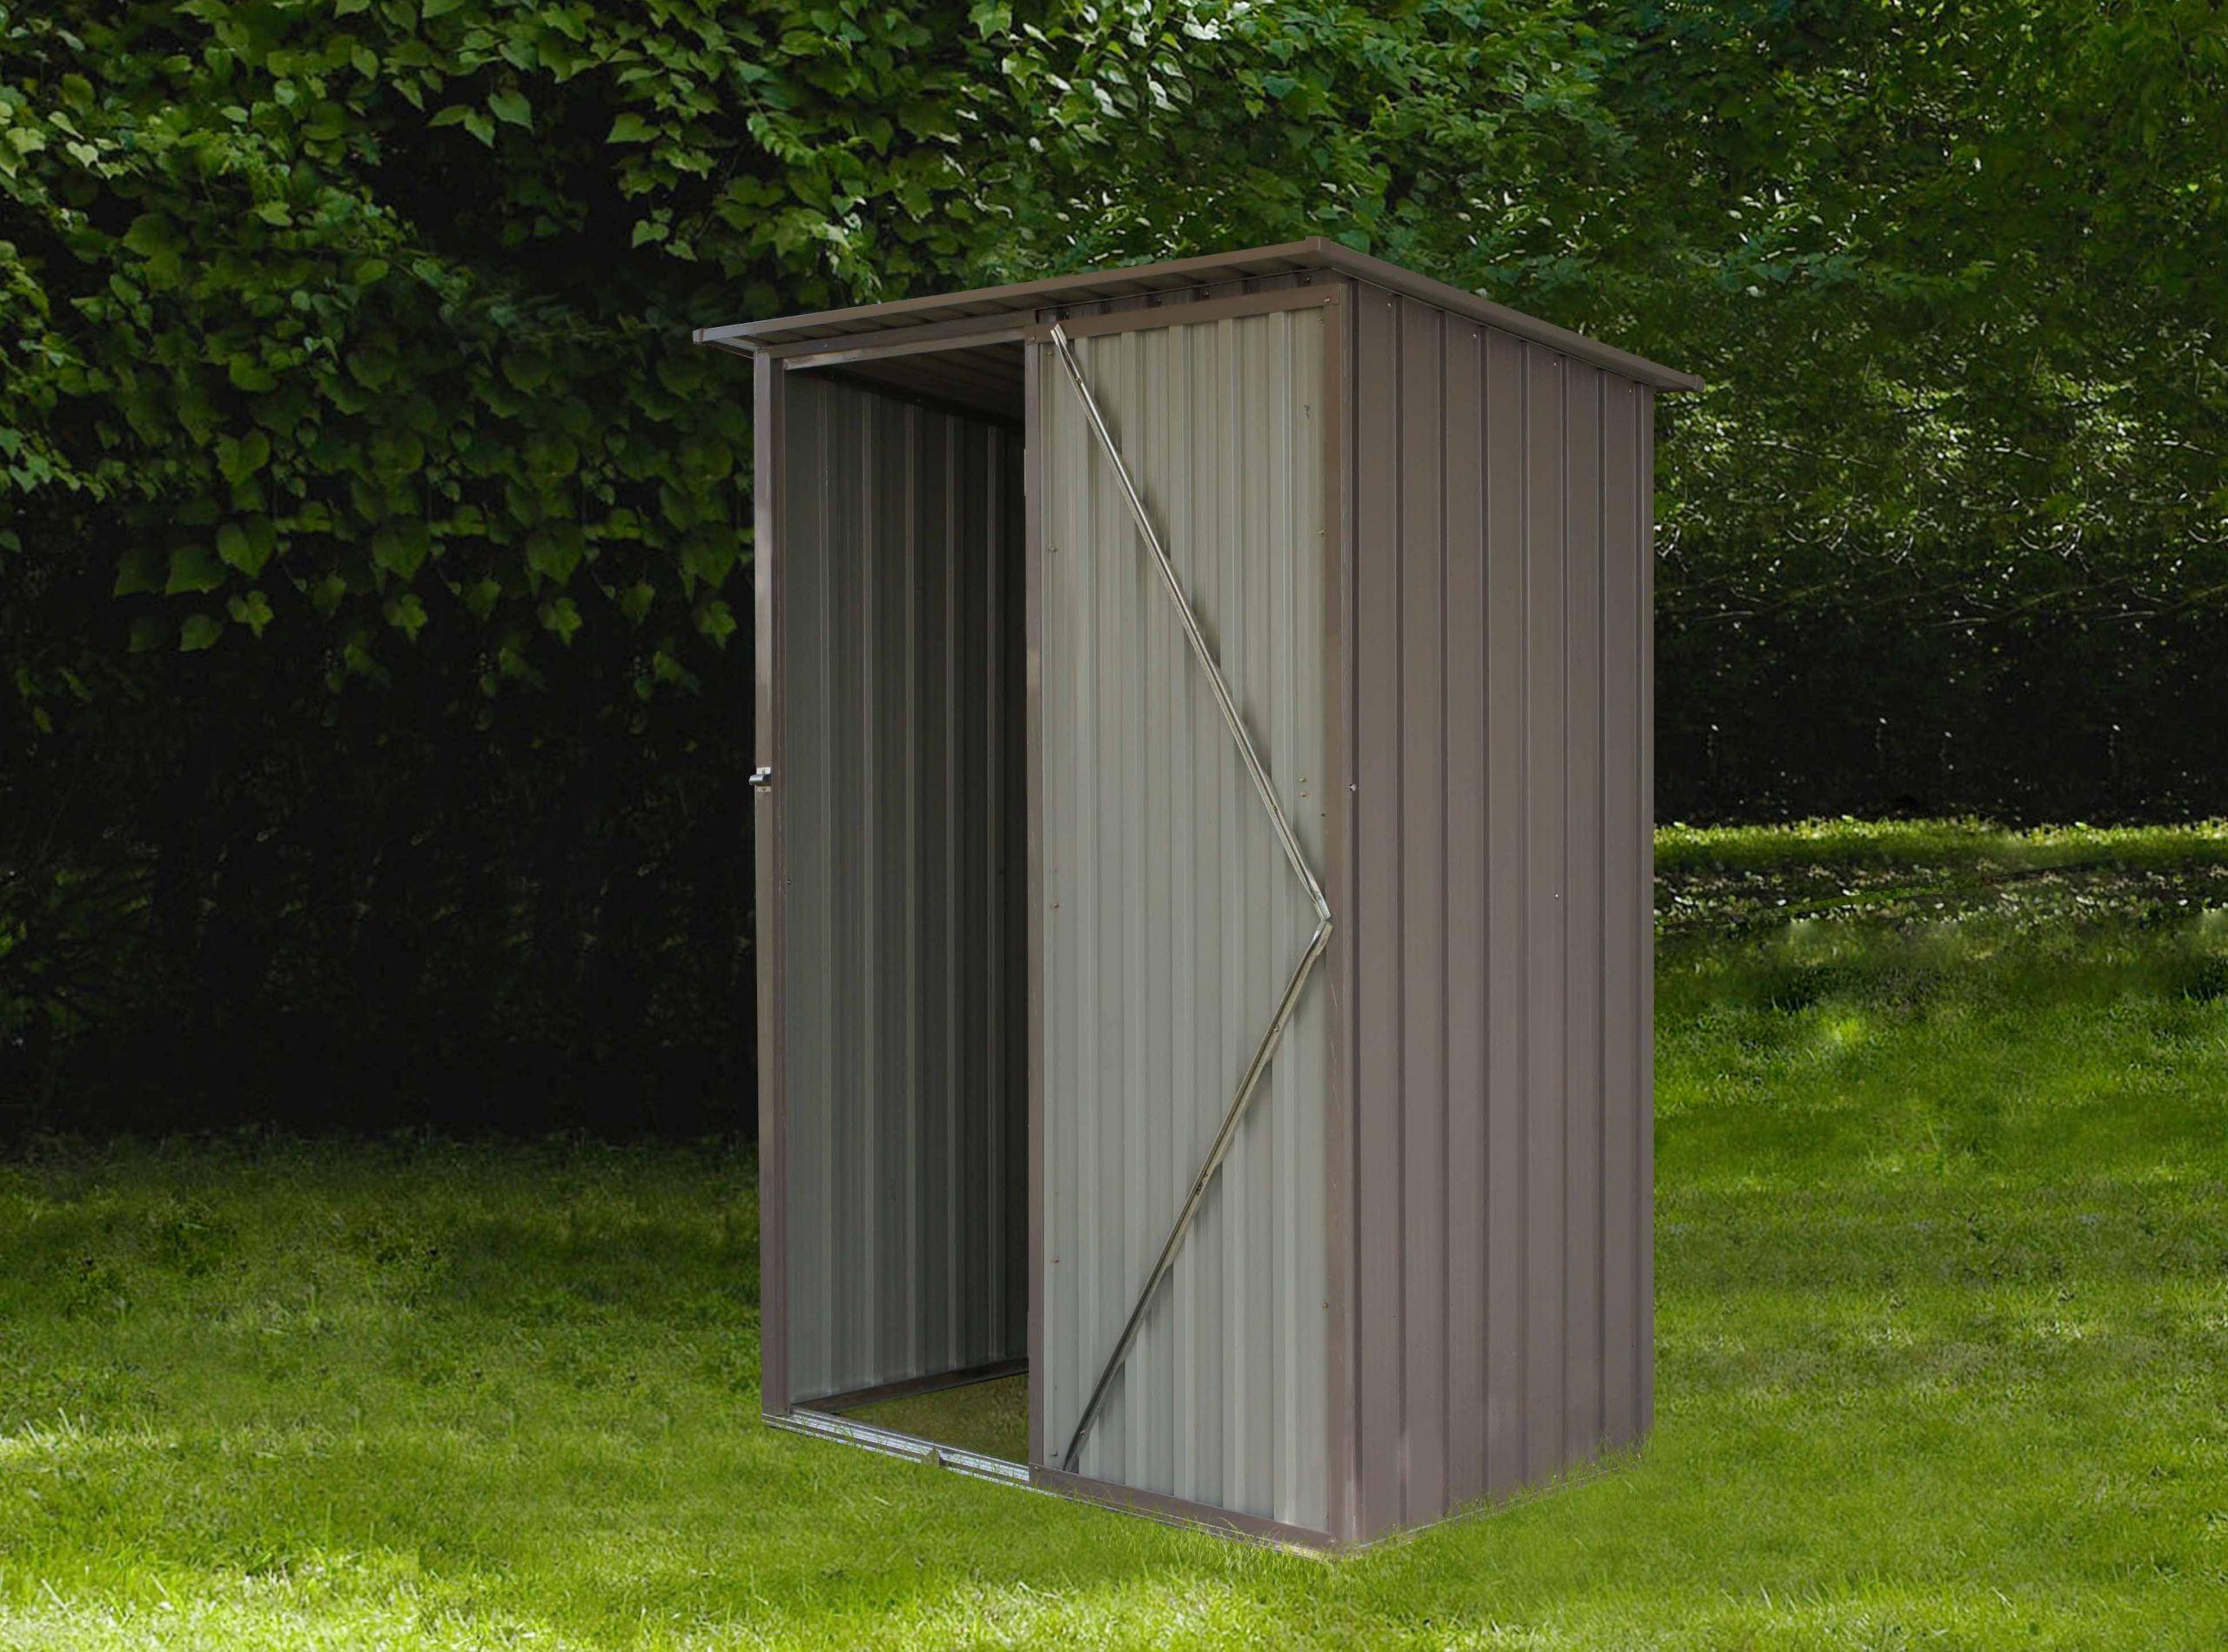 Abri Jardin Monopente Des Idées - Idees Conception Jardin tout Abri Jardin Monopente